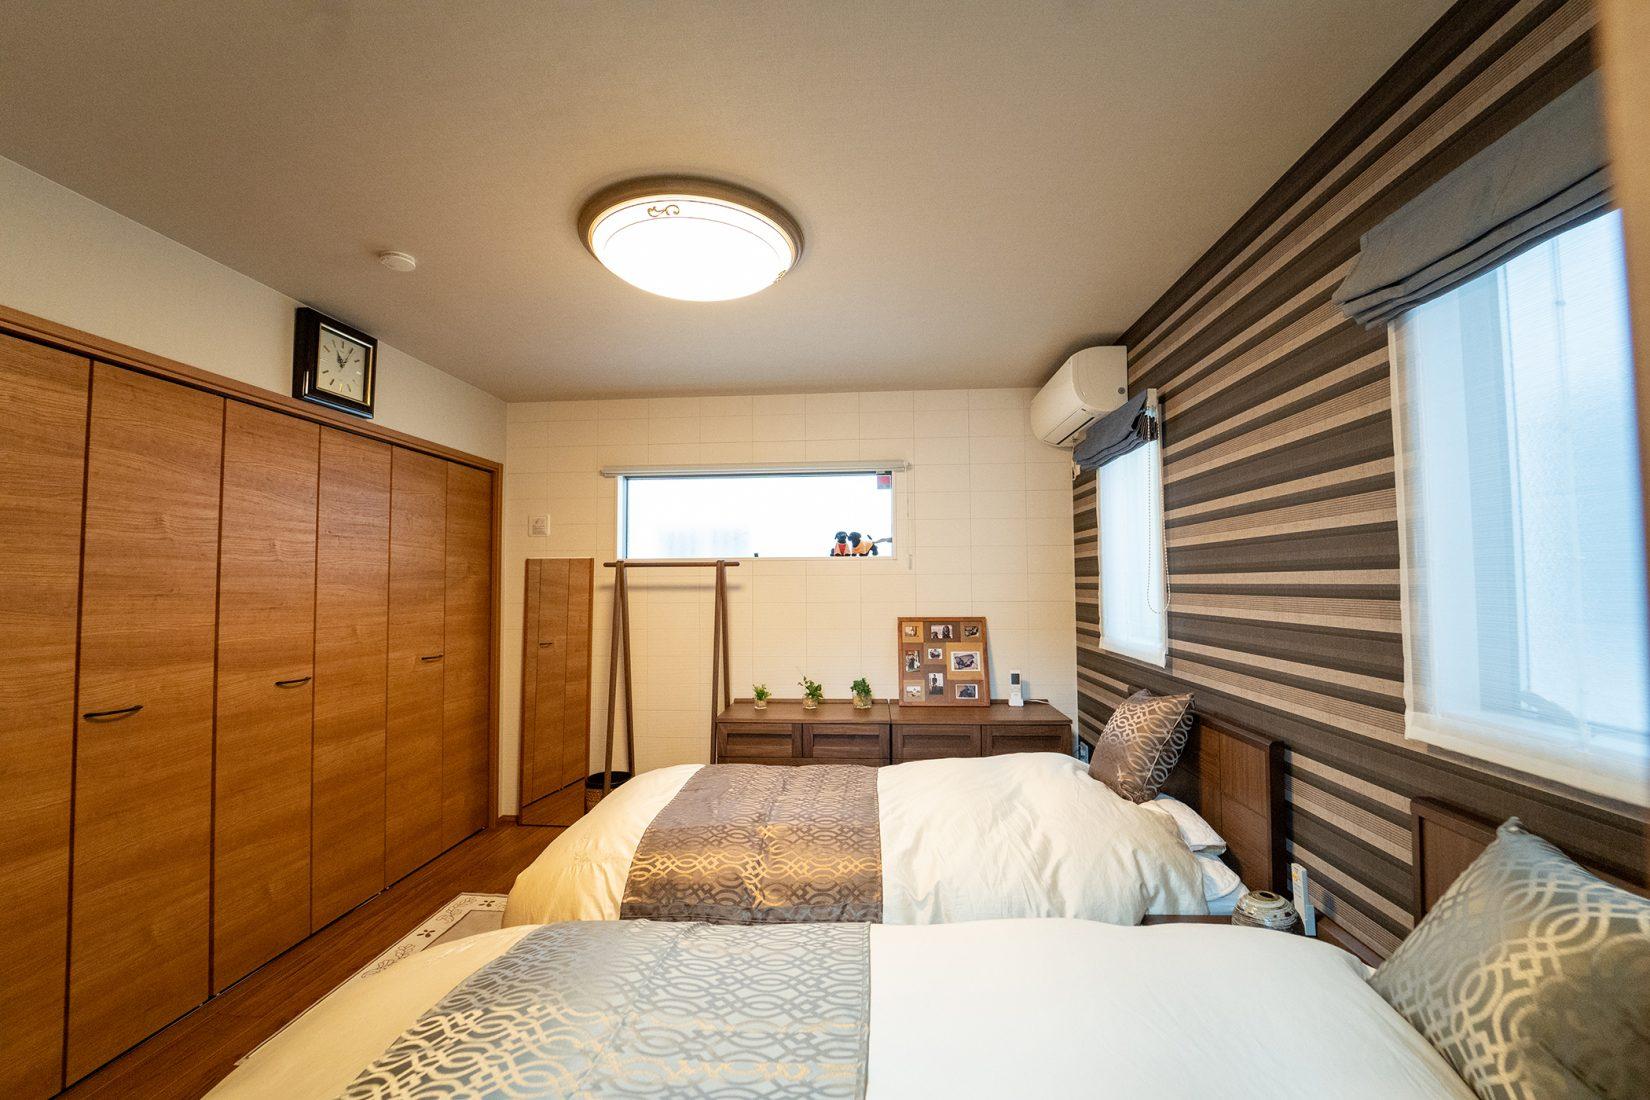 1階の寝室はベッドメイキングがホテル級。毎日きちんと整えているそう。オプション工事で壁を撤去し大きな1室にしている。